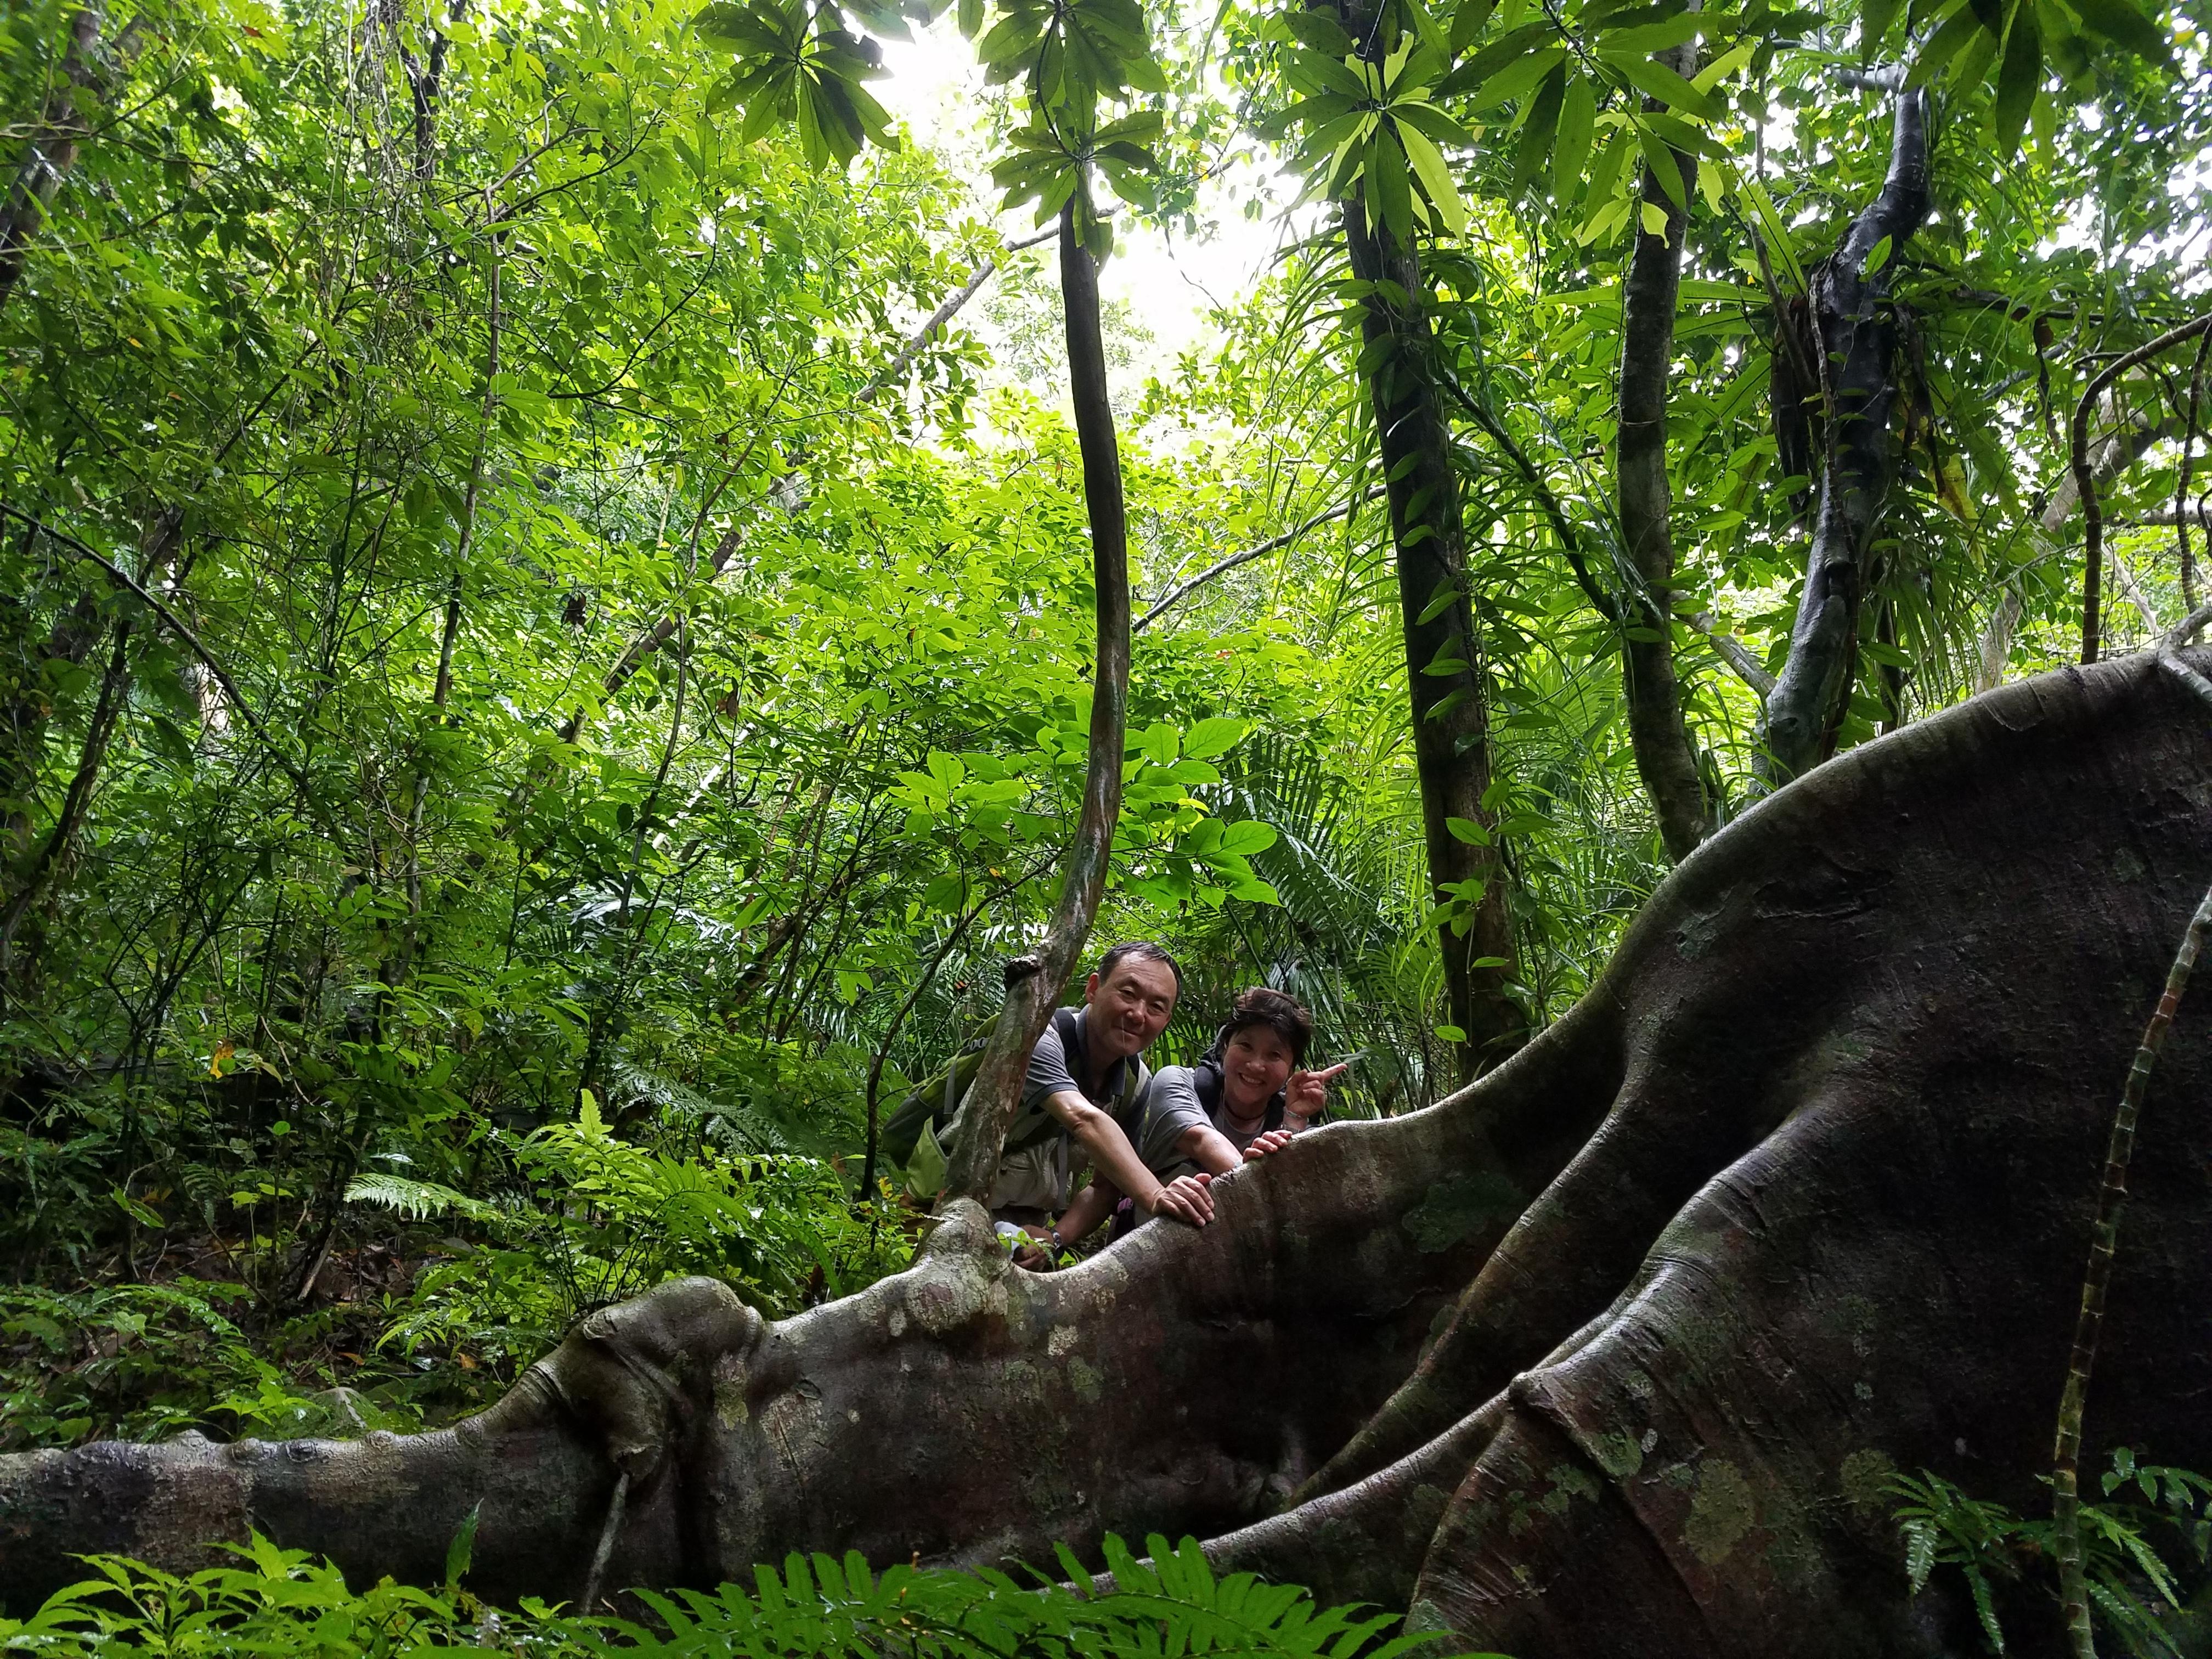 ピナイサーラの滝&マリゥドの滝&カンピレーの滝トレッキングツアー